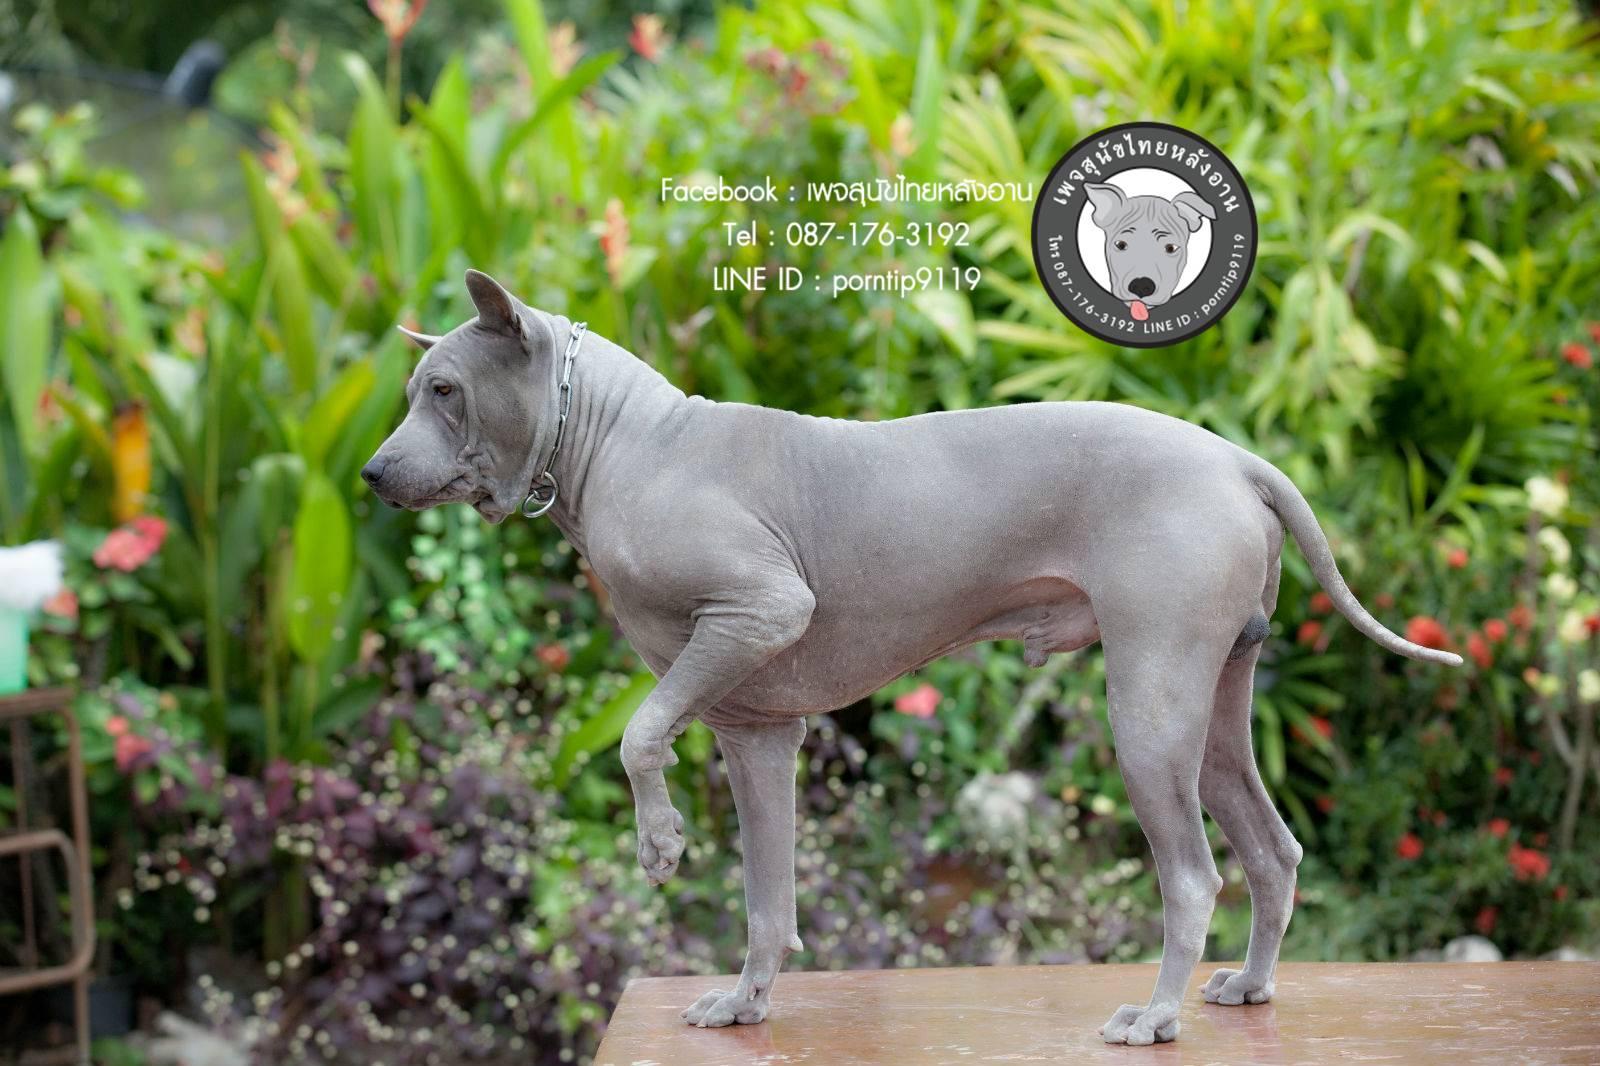 สุนัขไทยหลังอาน ขายสุนัขไทยหลังอาน   ลูกสุนัขไทยหลังอาน พ่อพันธุ์แม่พันธุ์Print-0356_webcamera360_20141224233121